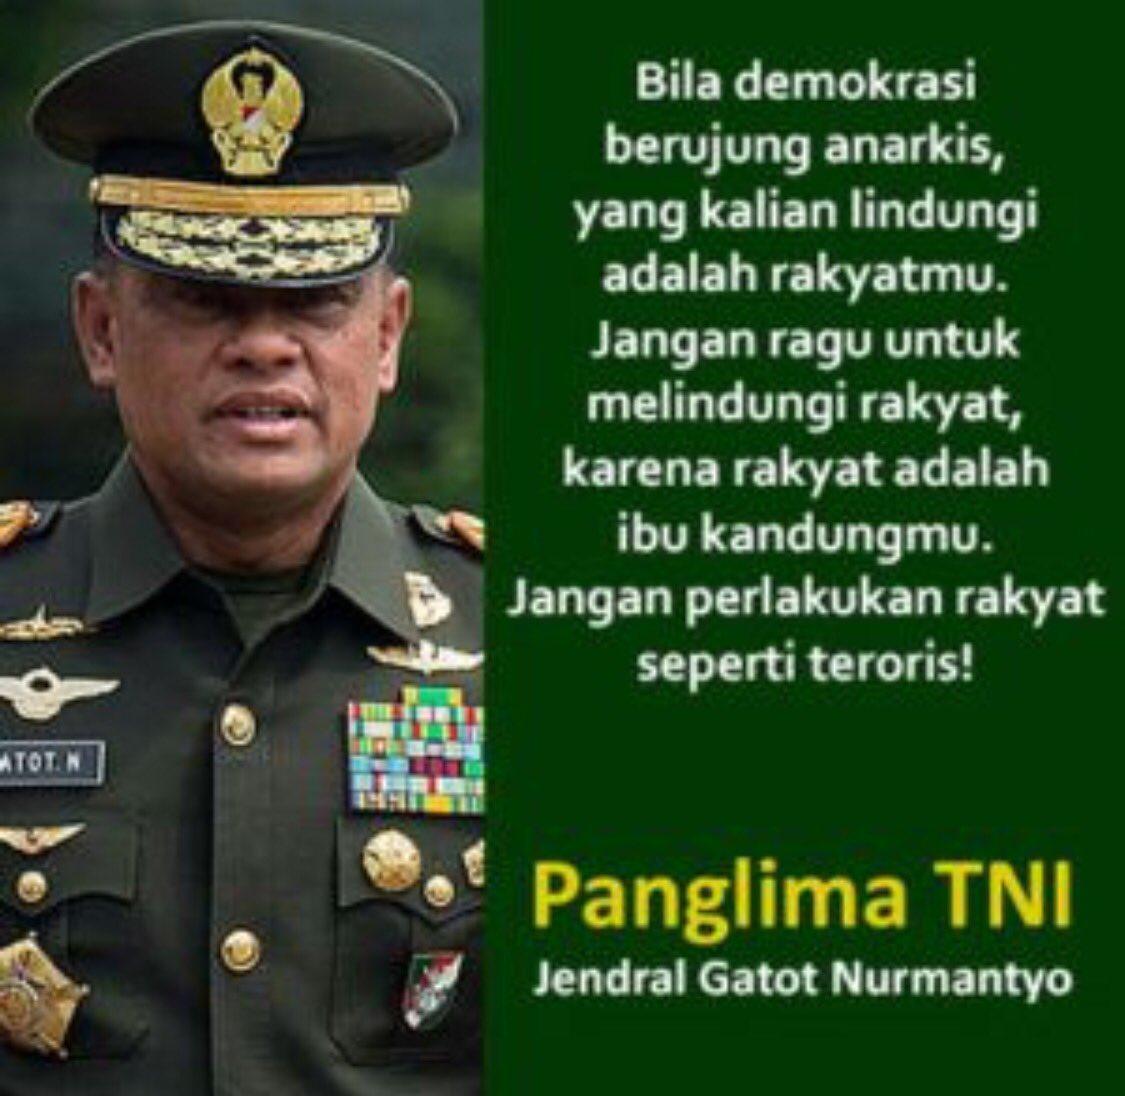 Dengan sikap ini, Jenderal Gatot layak menjadi capres atau cawapres https://t.co/0GHfffkzXx